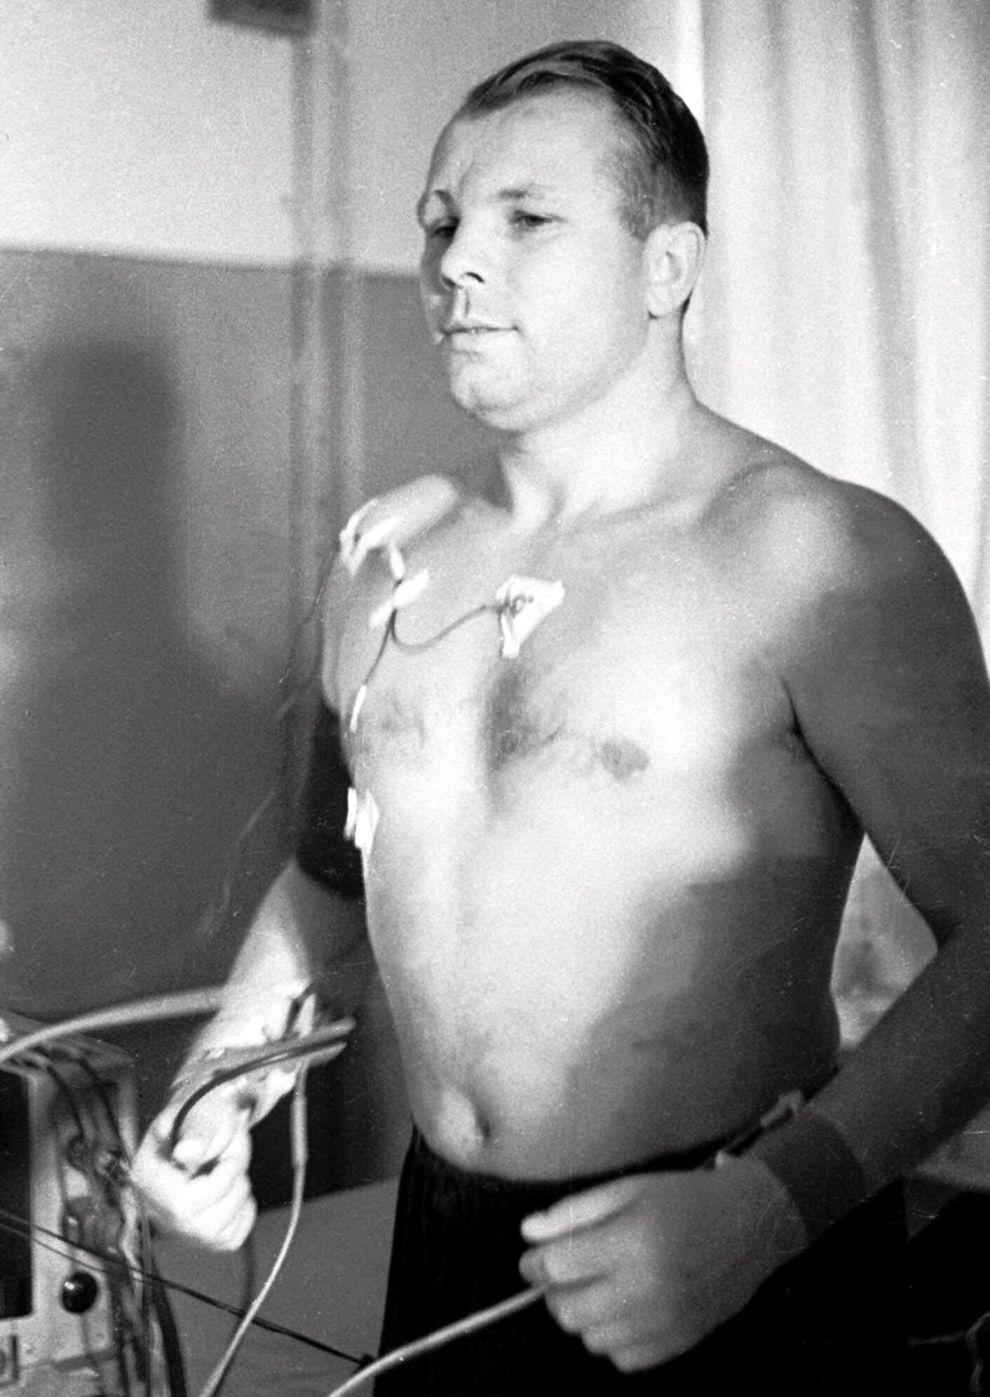 Ο Γιούρι Γκαγκάριν στη διάρκεια ενός τεστ στην Πόλη των Άστρων τον Νοέμβριο του 1959.